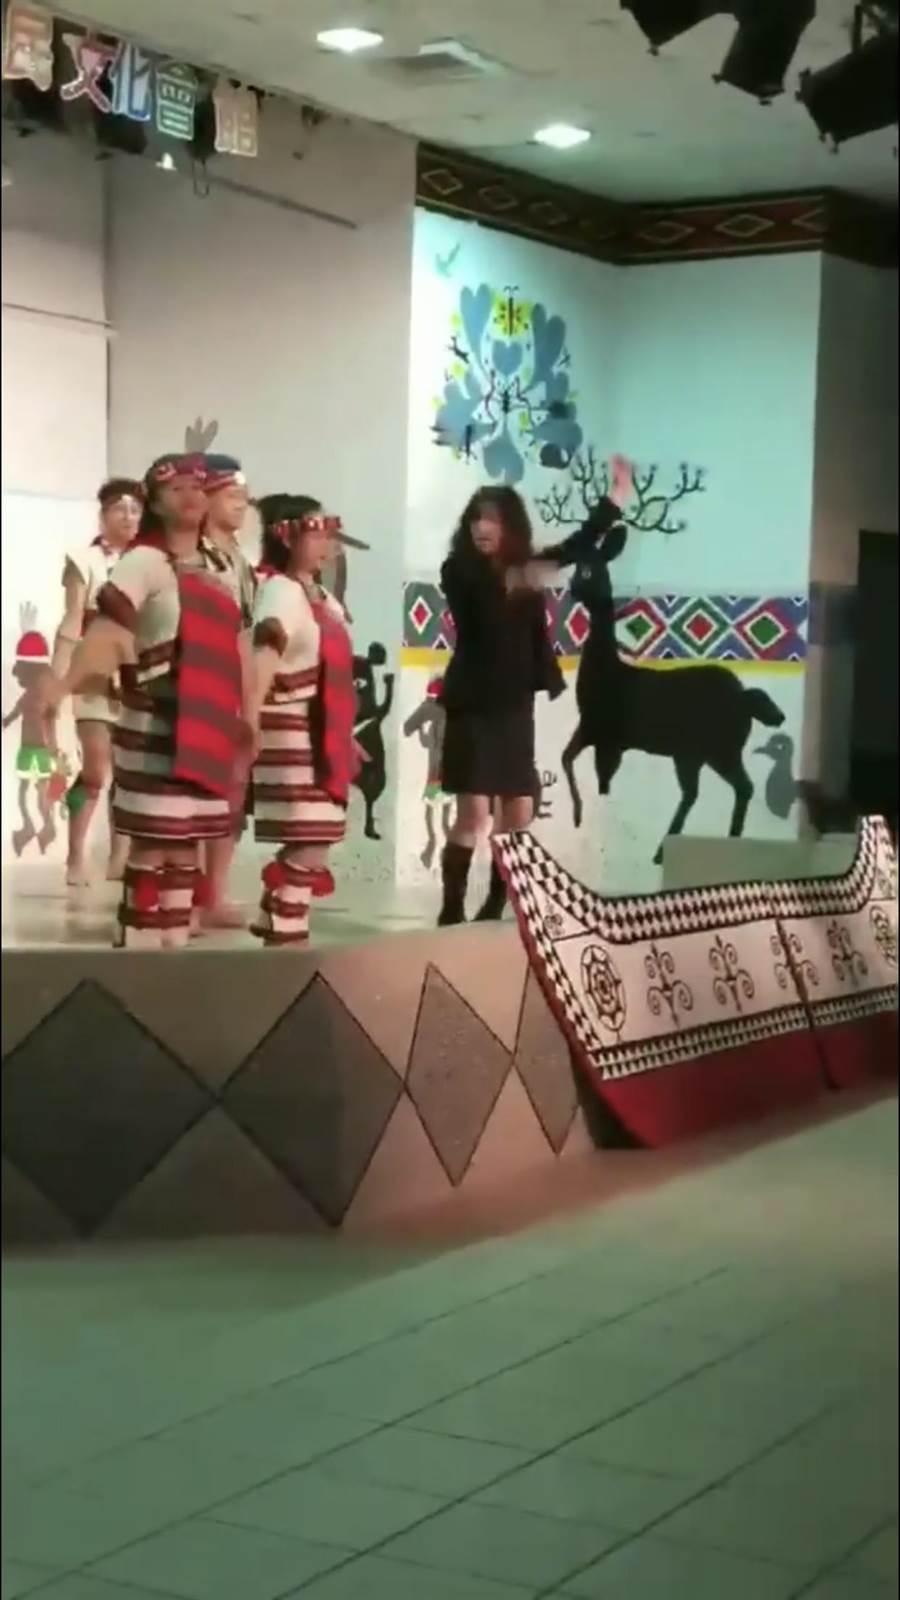 酒醉女子亂入基隆市原住民舞蹈團的表演,毫無章法地開始亂跳,挨轟「不尊重原住民文化」。(翻攝自爆料公社)